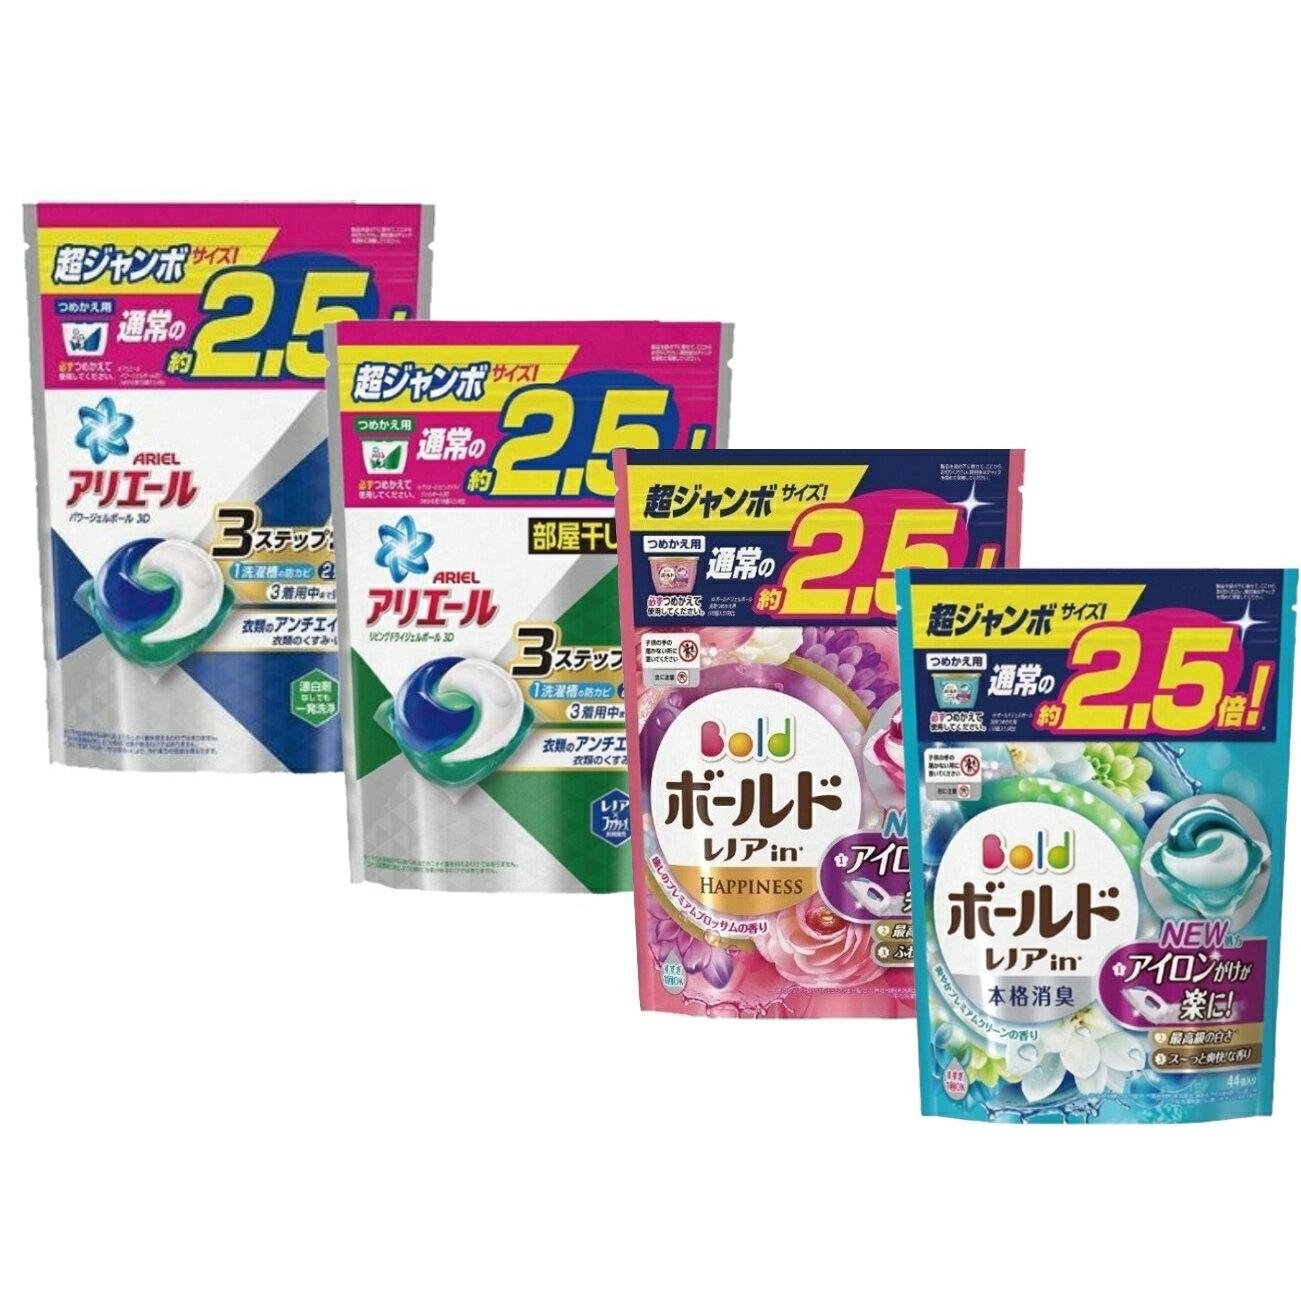 【P&G】第三代 3D 洗衣膠球 補充包 (44入/袋)